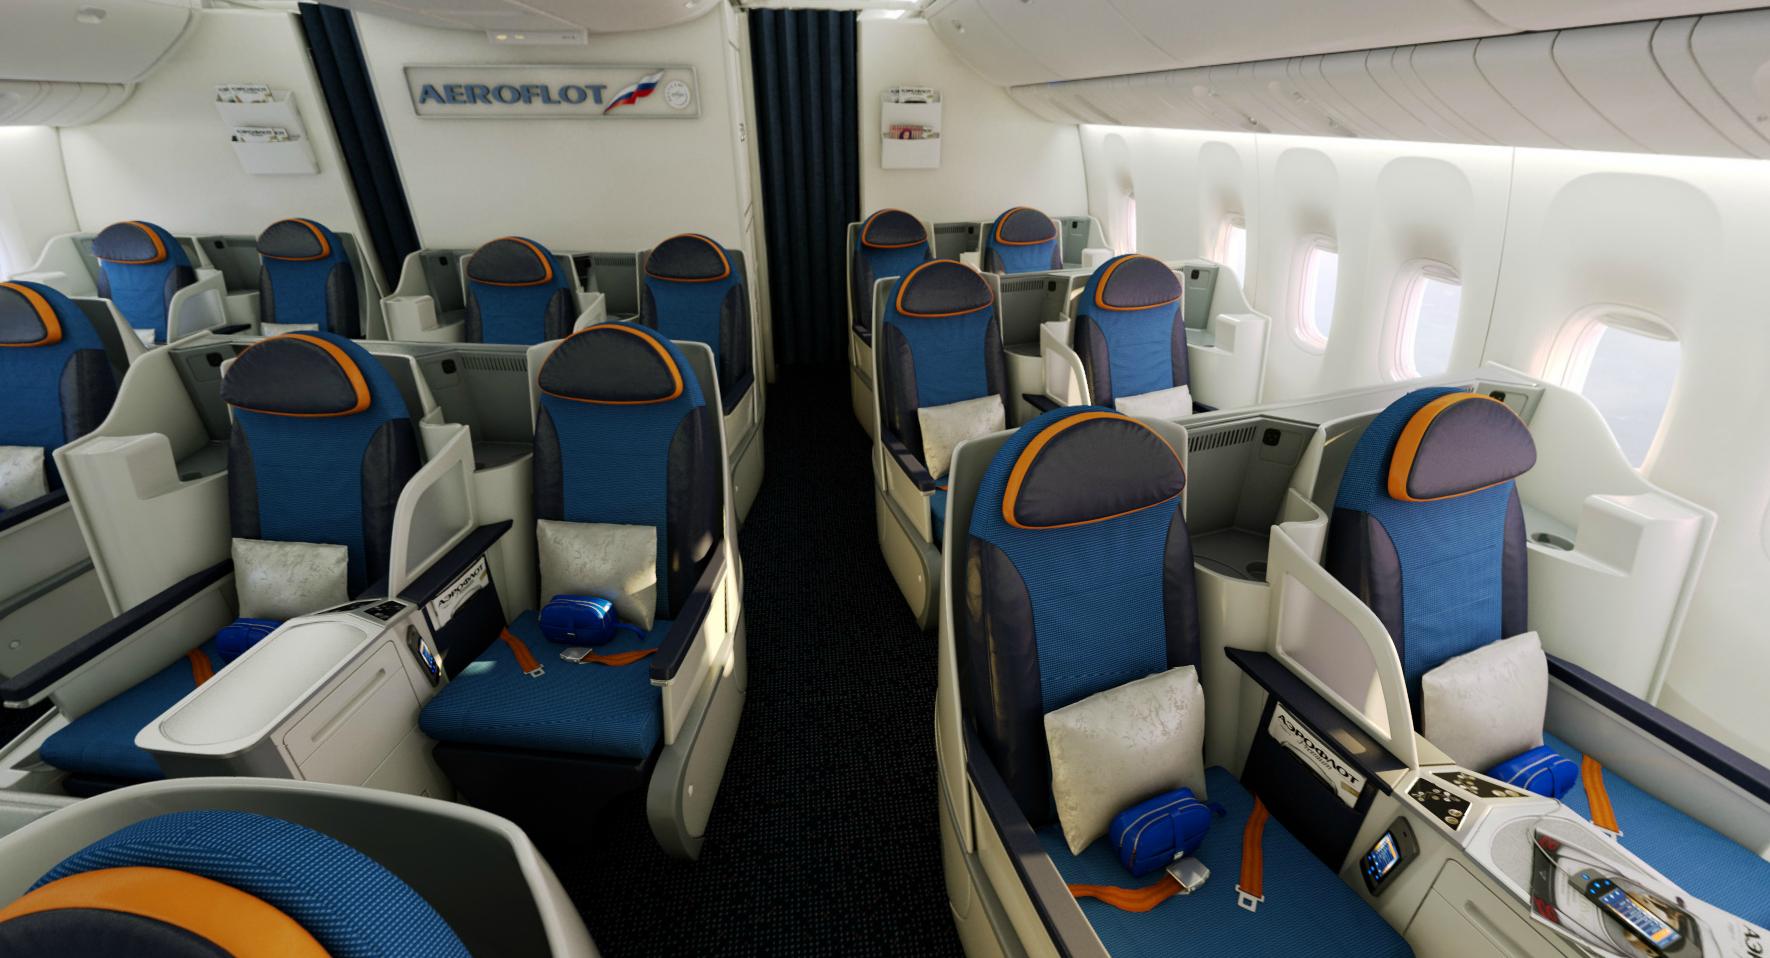 Aeroflot 77W Business Class